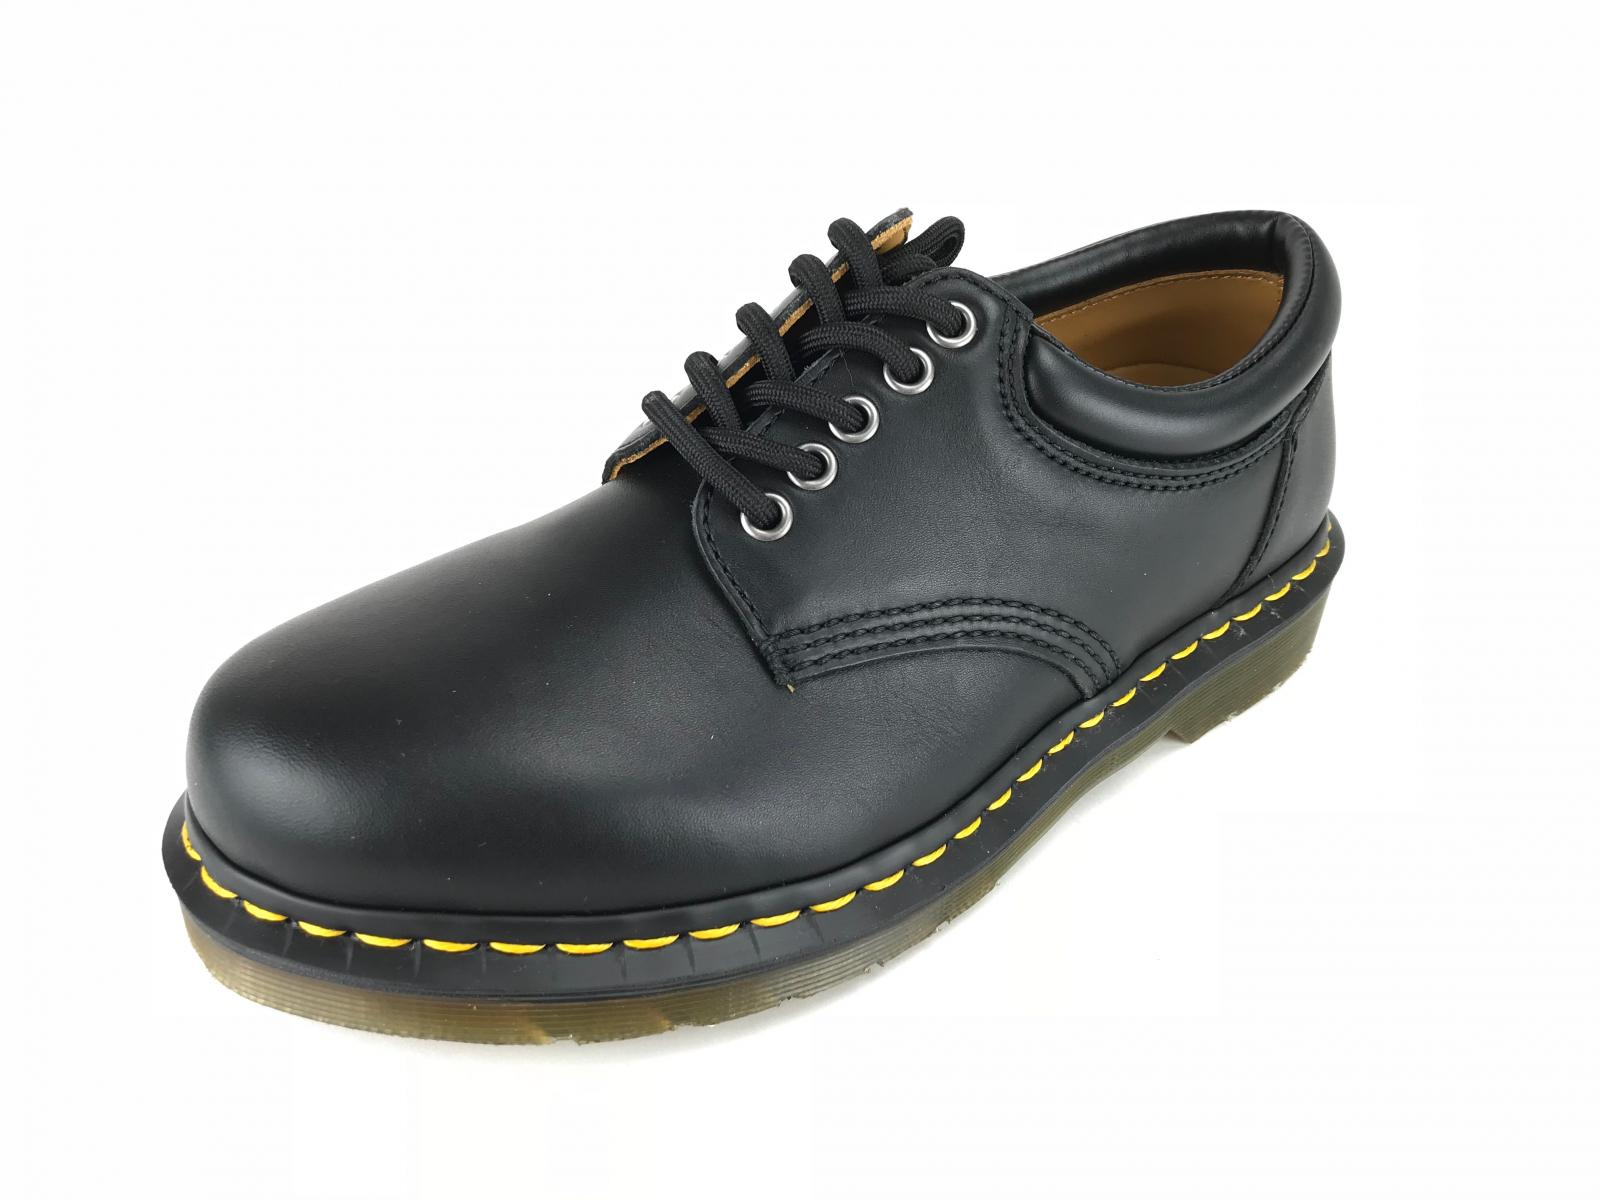 Dr. Martens sko - HERRE - zjoos-hjoerring.dk